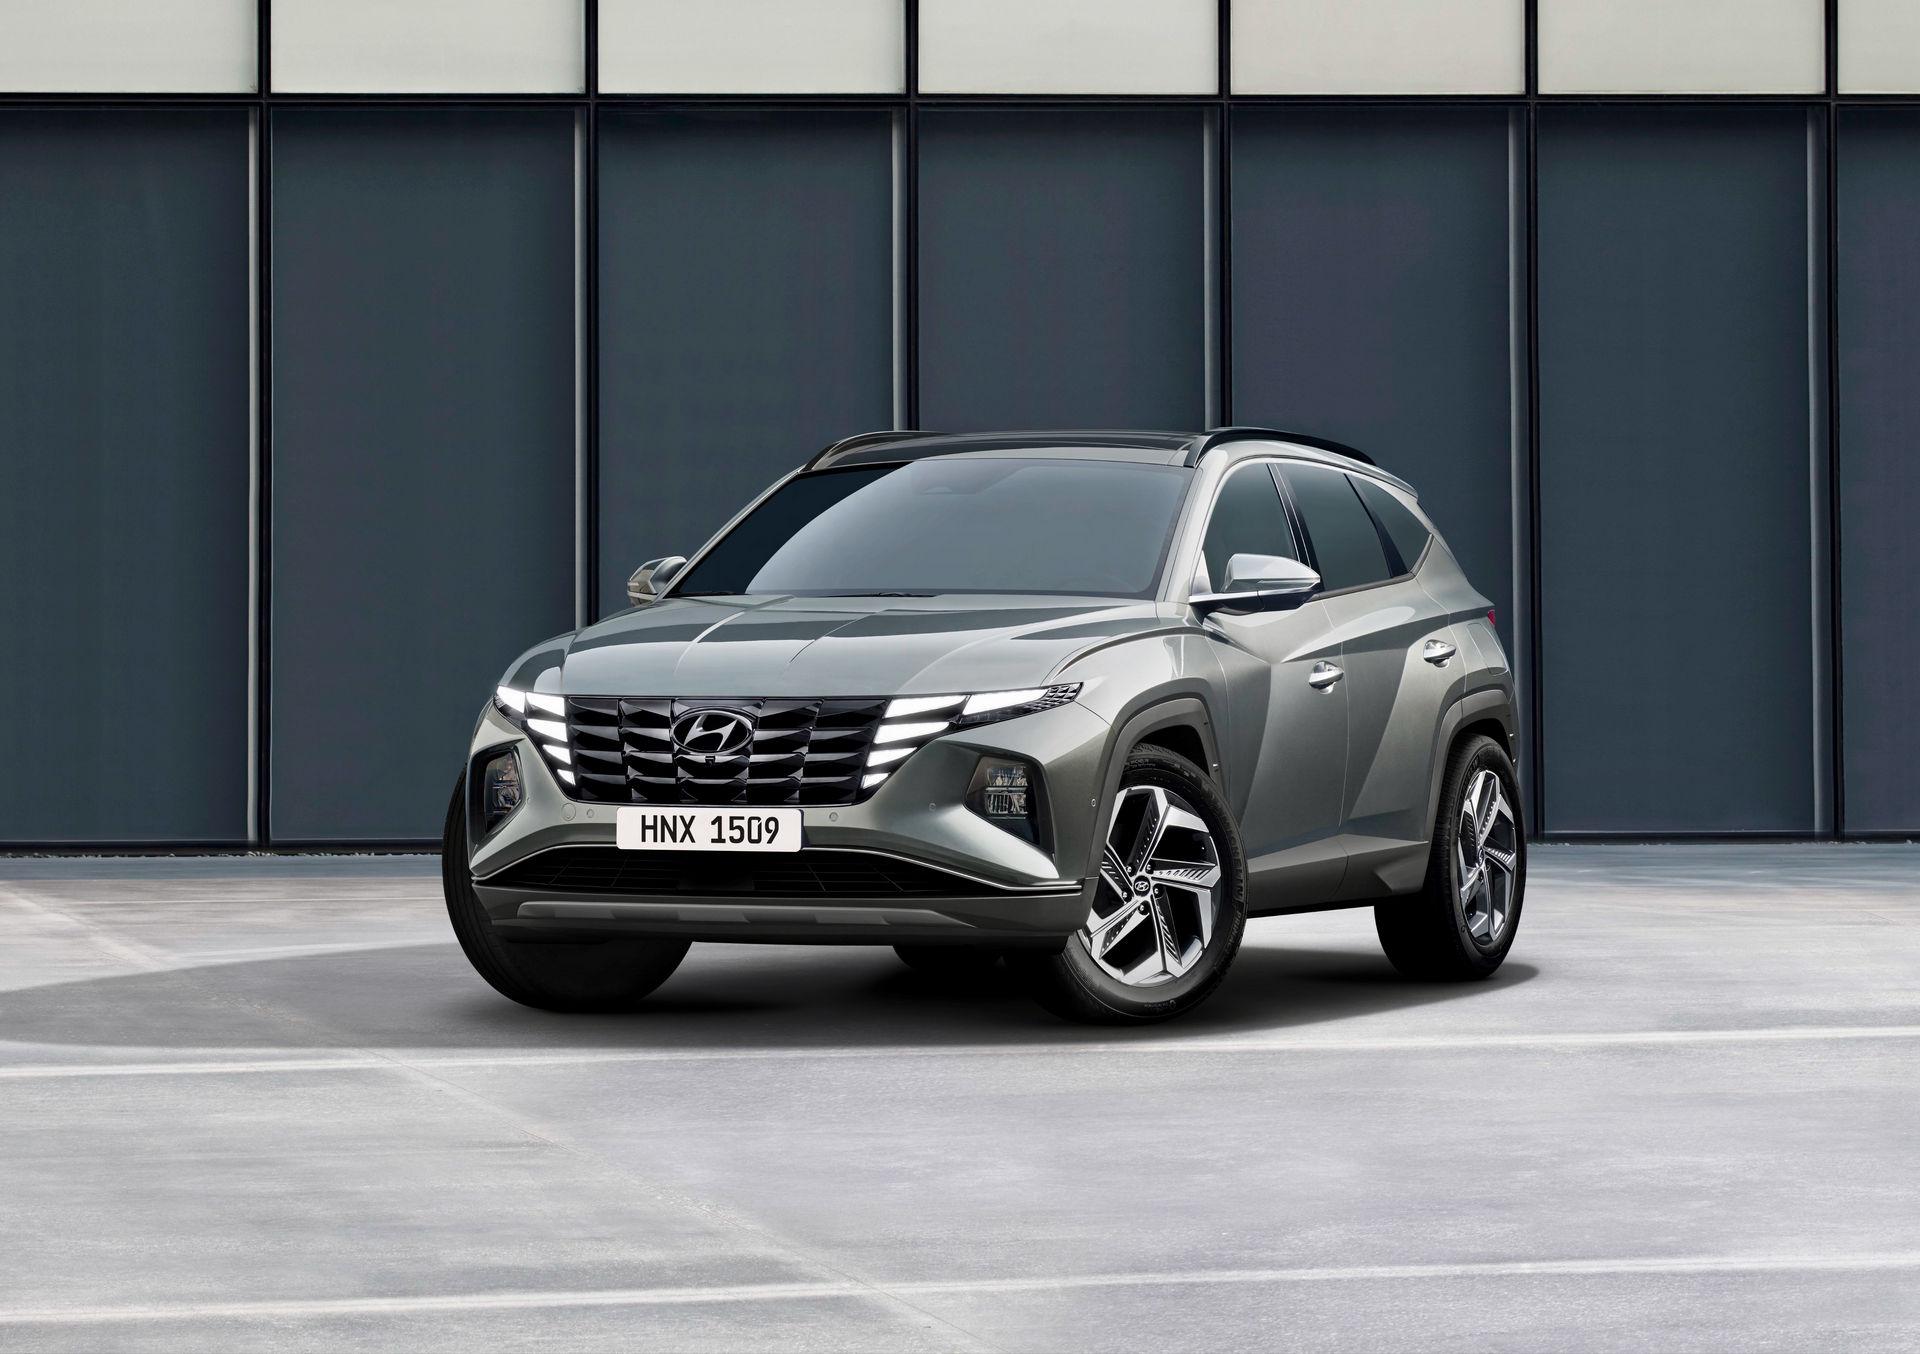 بالفيديو والصور.. انطلاق هيونداي توسان 2022 الجديدة كليًا رسميًا 2021-Hyundai-Tucson-2-1.jpg